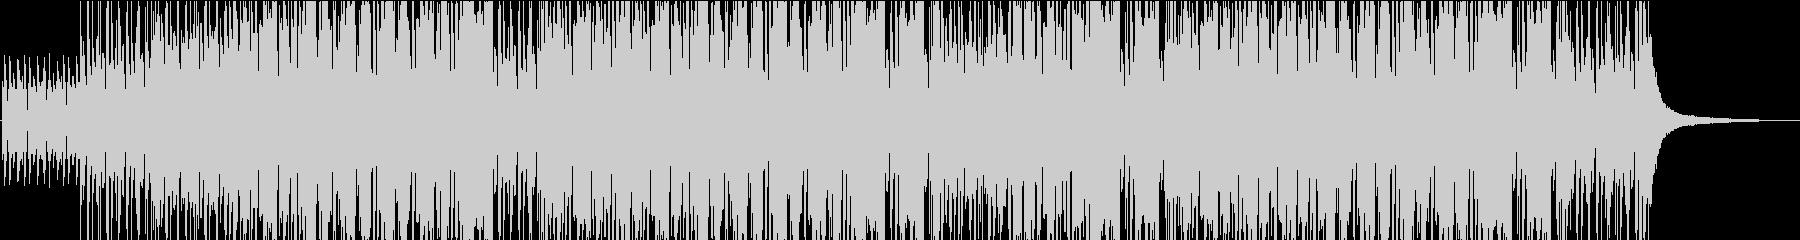 5拍子ジャズの未再生の波形